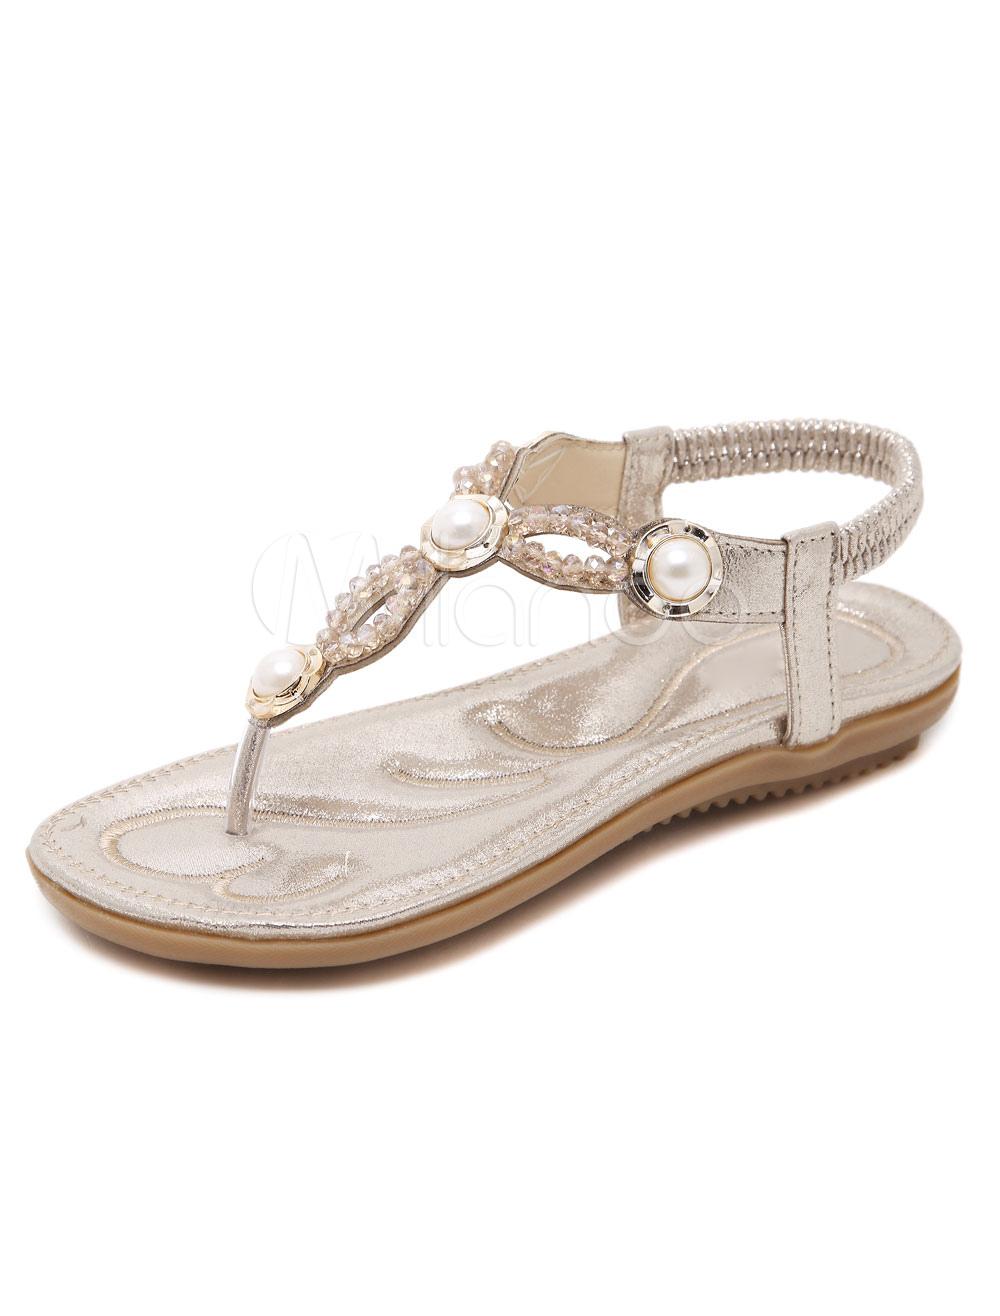 Sandales Pour Mode Unicolore Été Pu Femme Avec Perles Talon OkZiuPXT